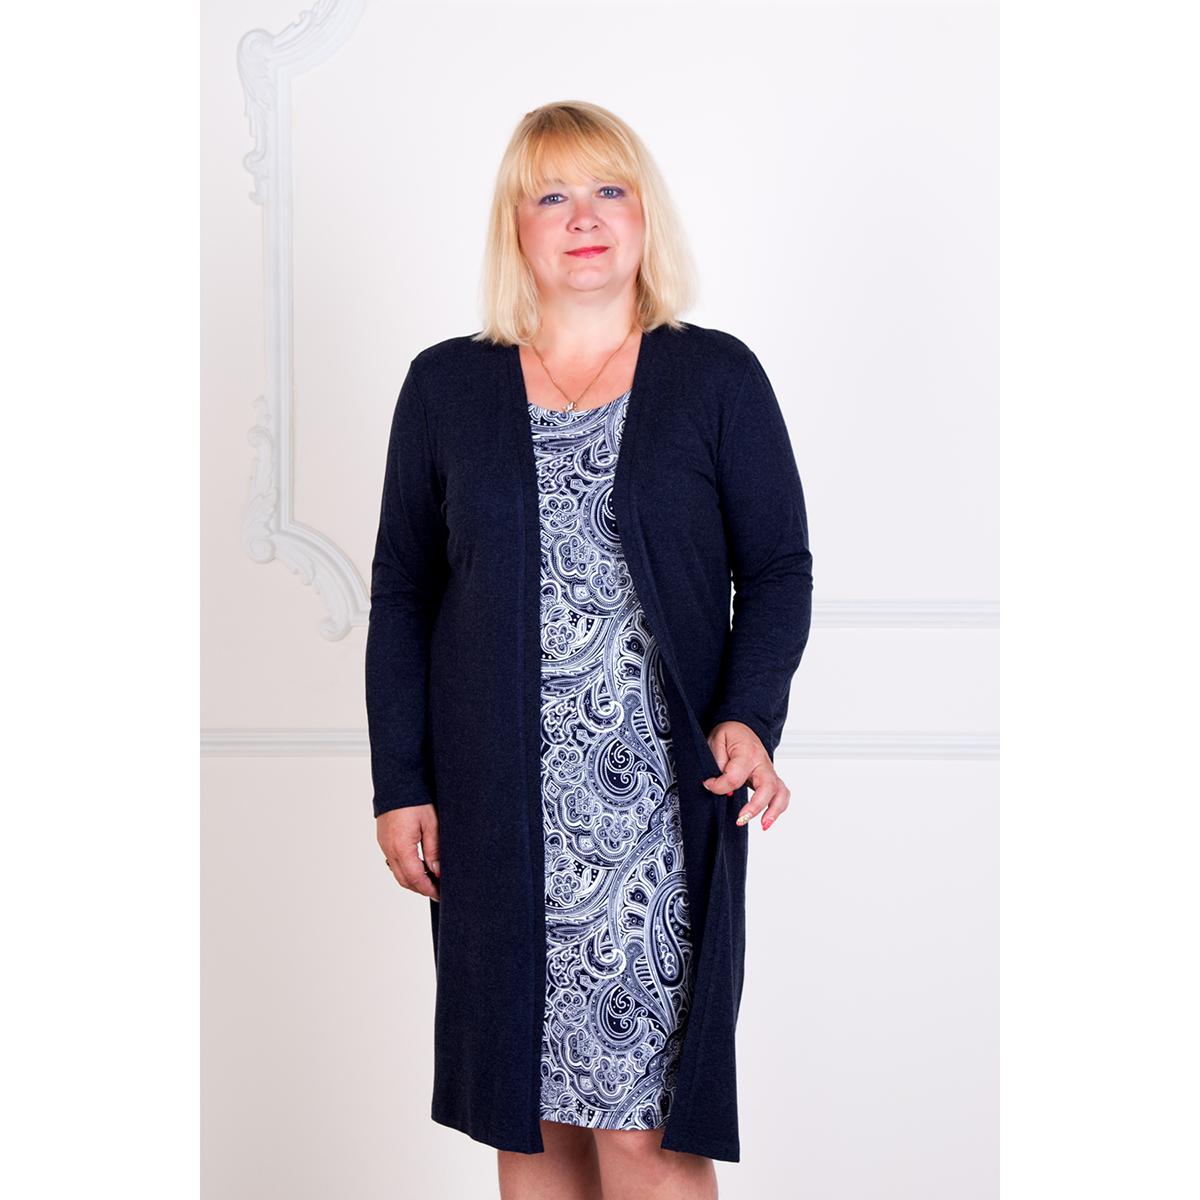 Женское платье Креатив арт. 0151, размер 46Платья<br>Обхват груди:92 см<br>Обхват талии:74 см<br>Обхват бедер:100 см<br>Длина по спинке:94 см<br>Рост:167 см<br><br>Тип: Жен. платье<br>Размер: 46<br>Материал: Хамур